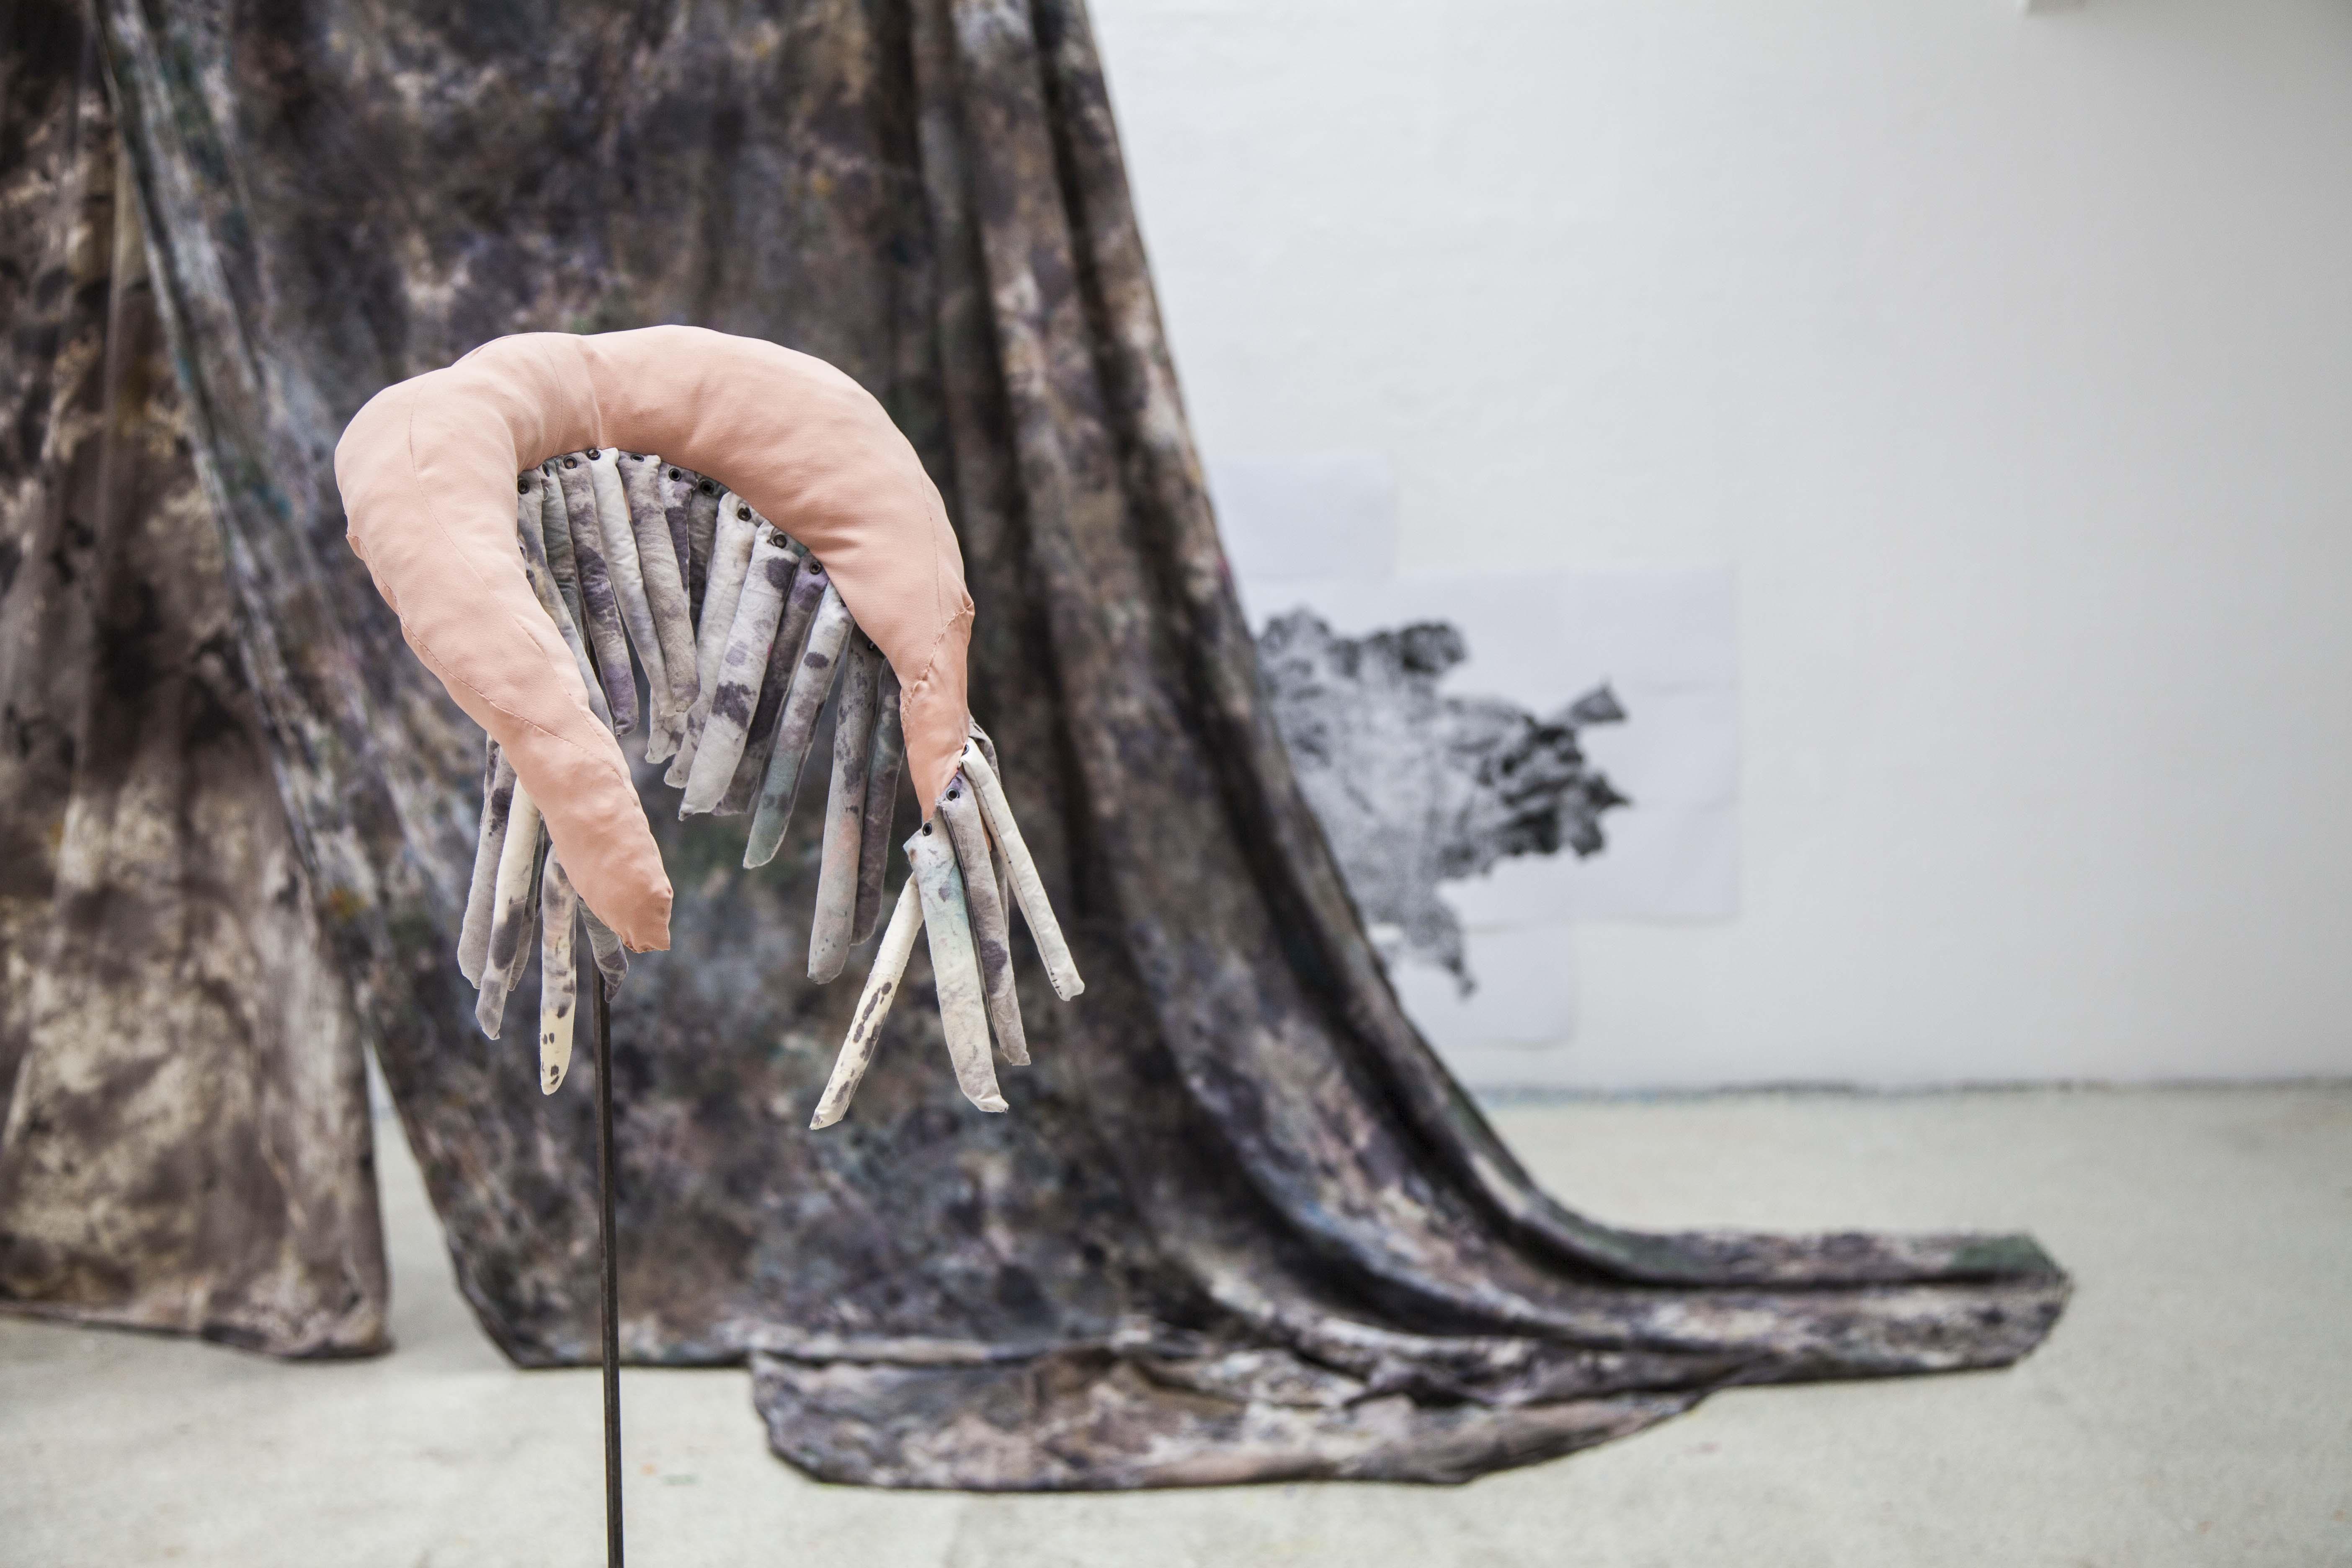 handgefärbtes Baumwolltuch ca. 6 x 3m, 4 Ösen, 2 Karabiner, Polypropylenseil Wandposter bestehend aus 24 Einzelblättern, jew. 29,7 × 42cm 2 Leuchtstoffröhren, pink